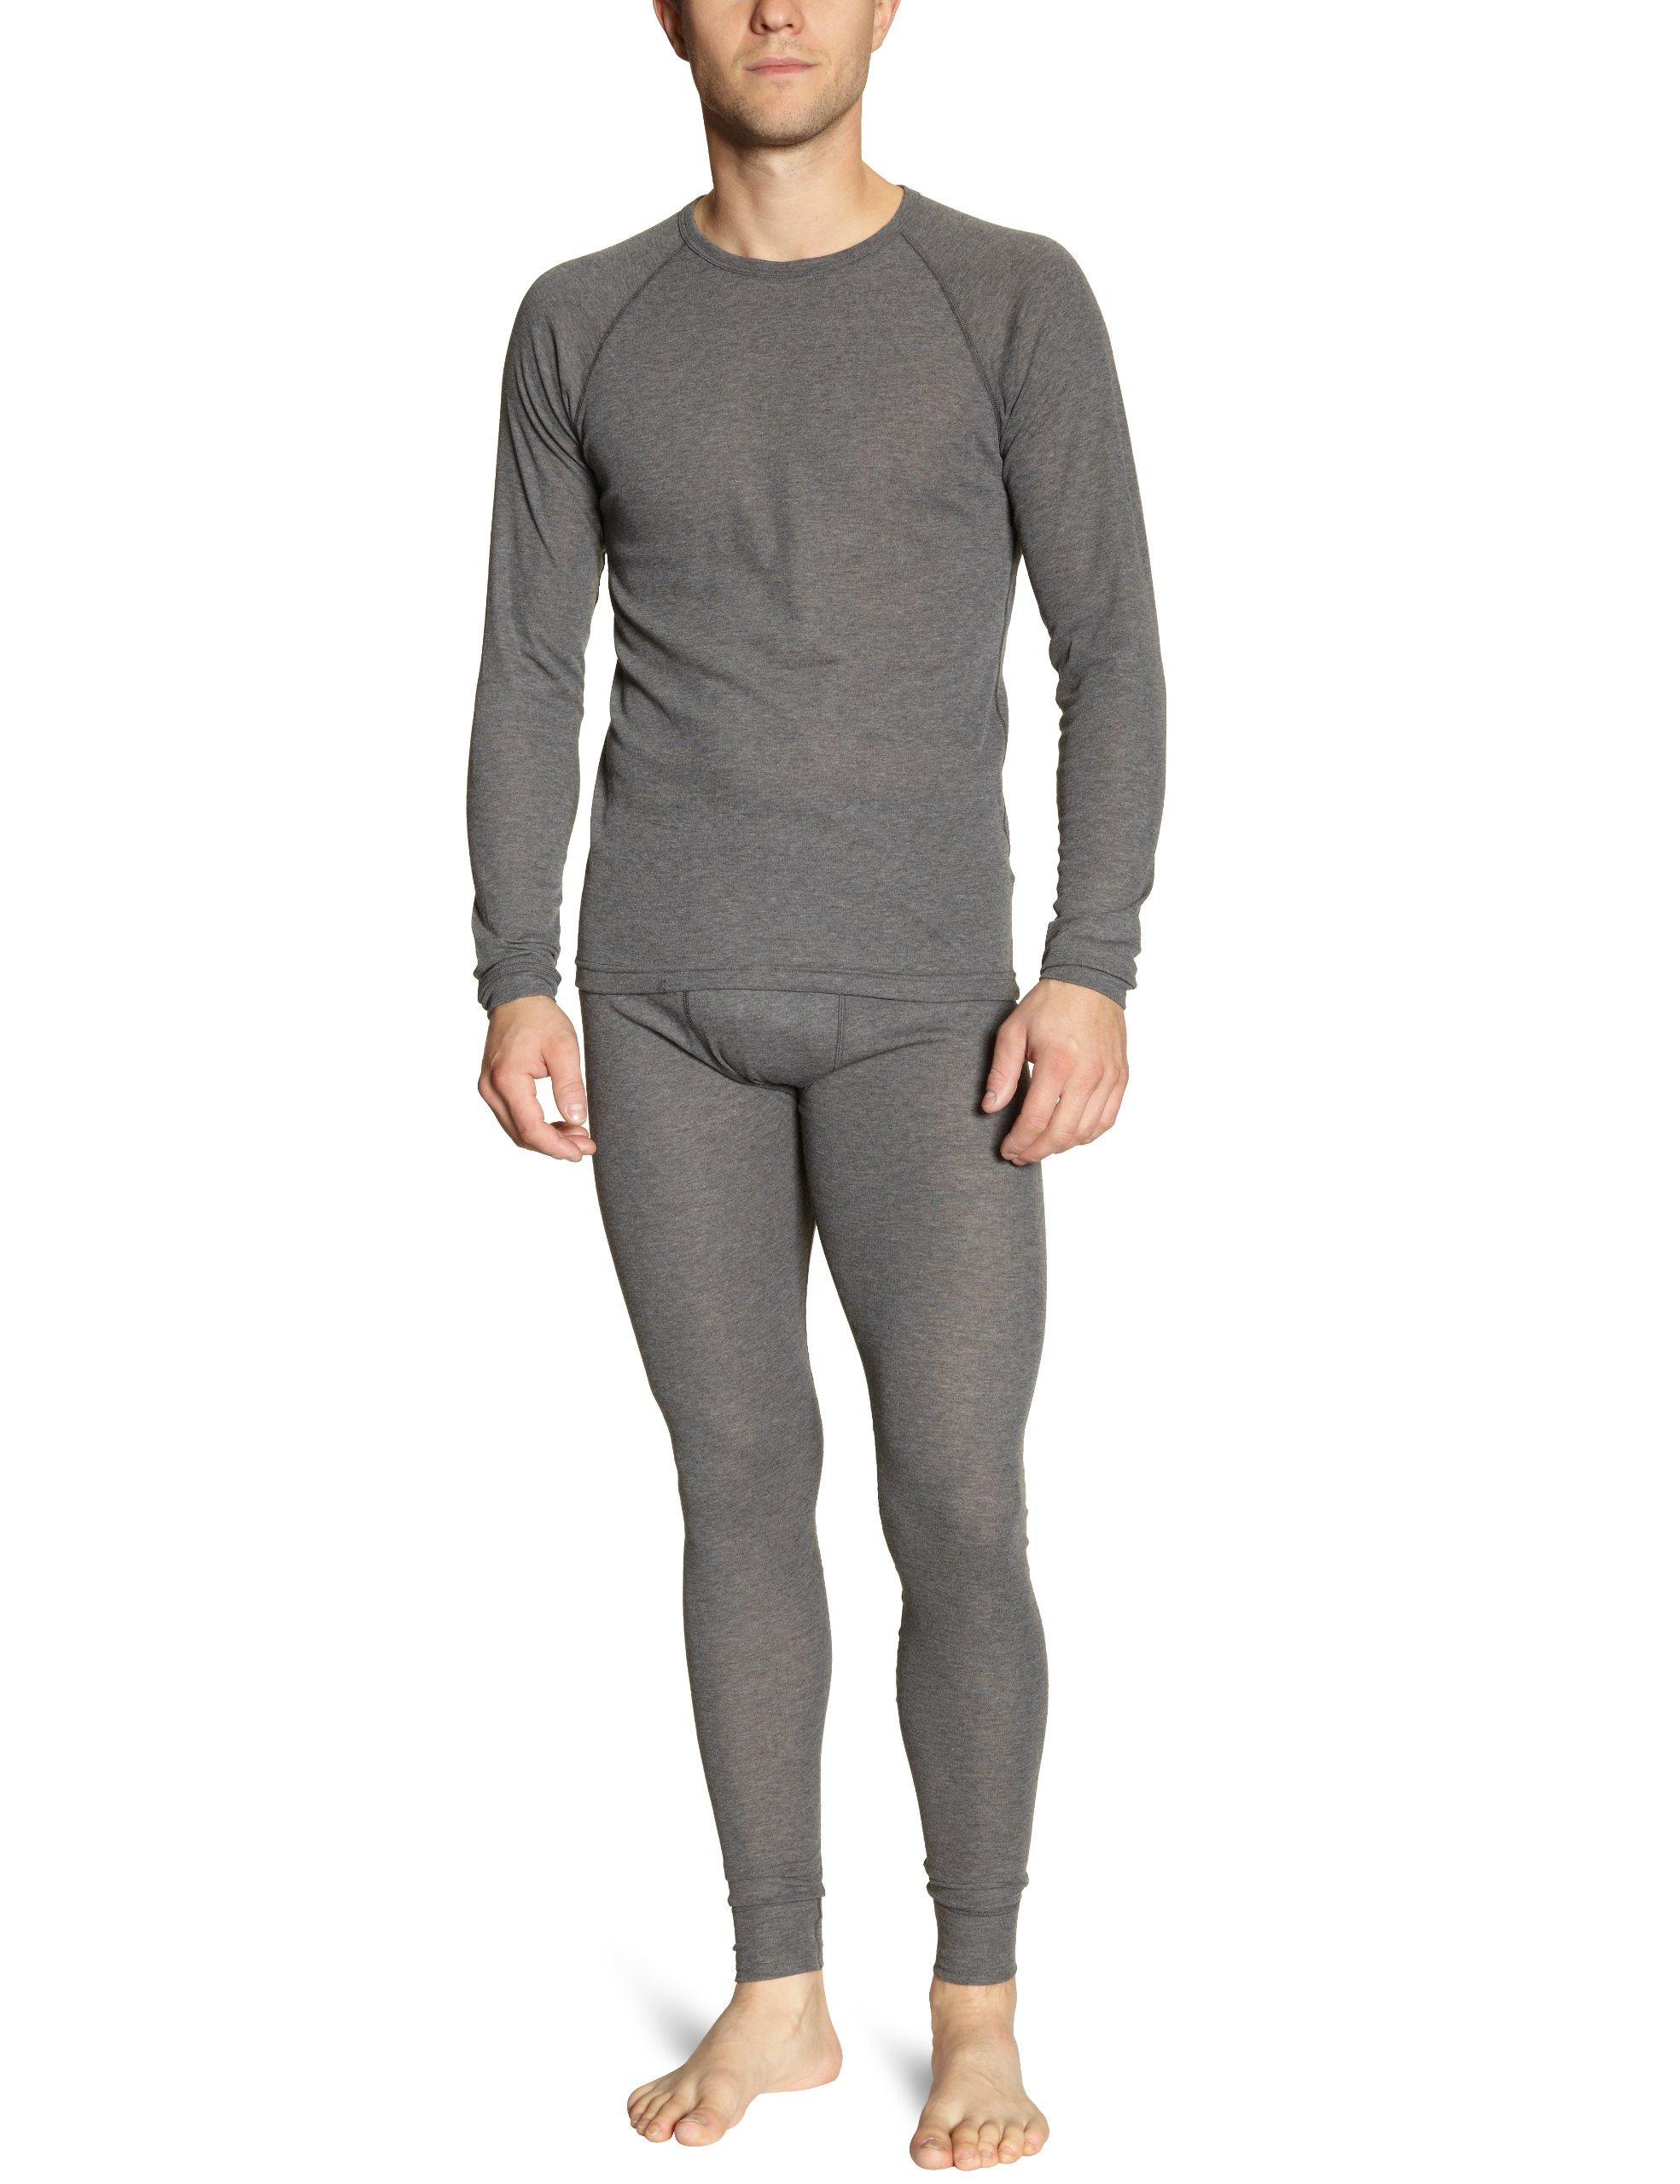 maier sports Waesche - Set Adrian - Conjunto de ropa interior térmica de acampada y senderismo